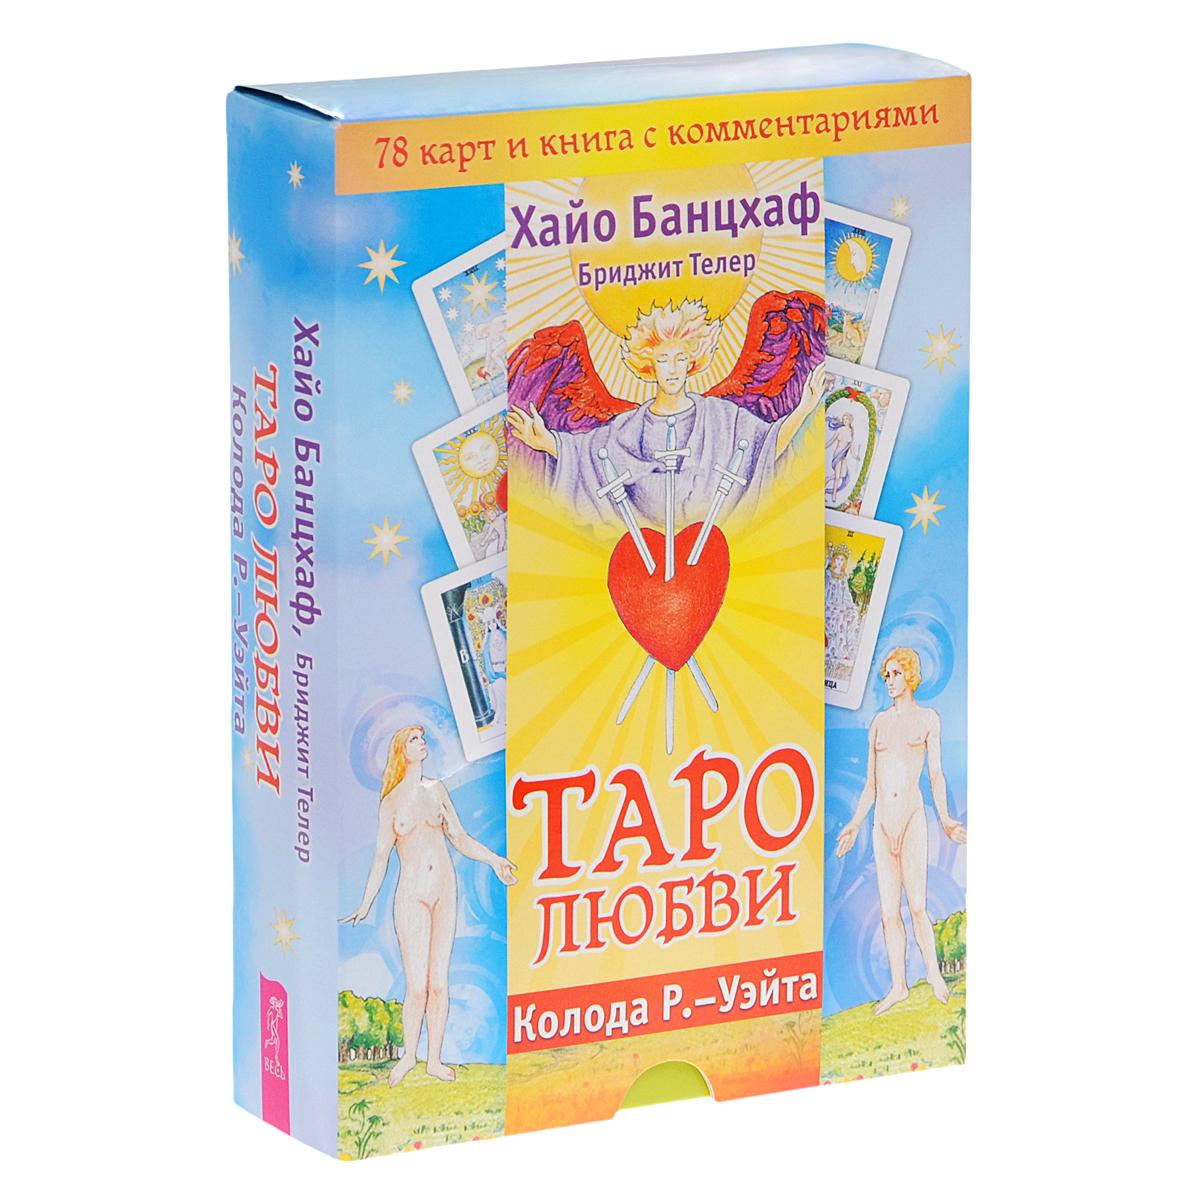 Таро любви (+ колода из 78 карт)